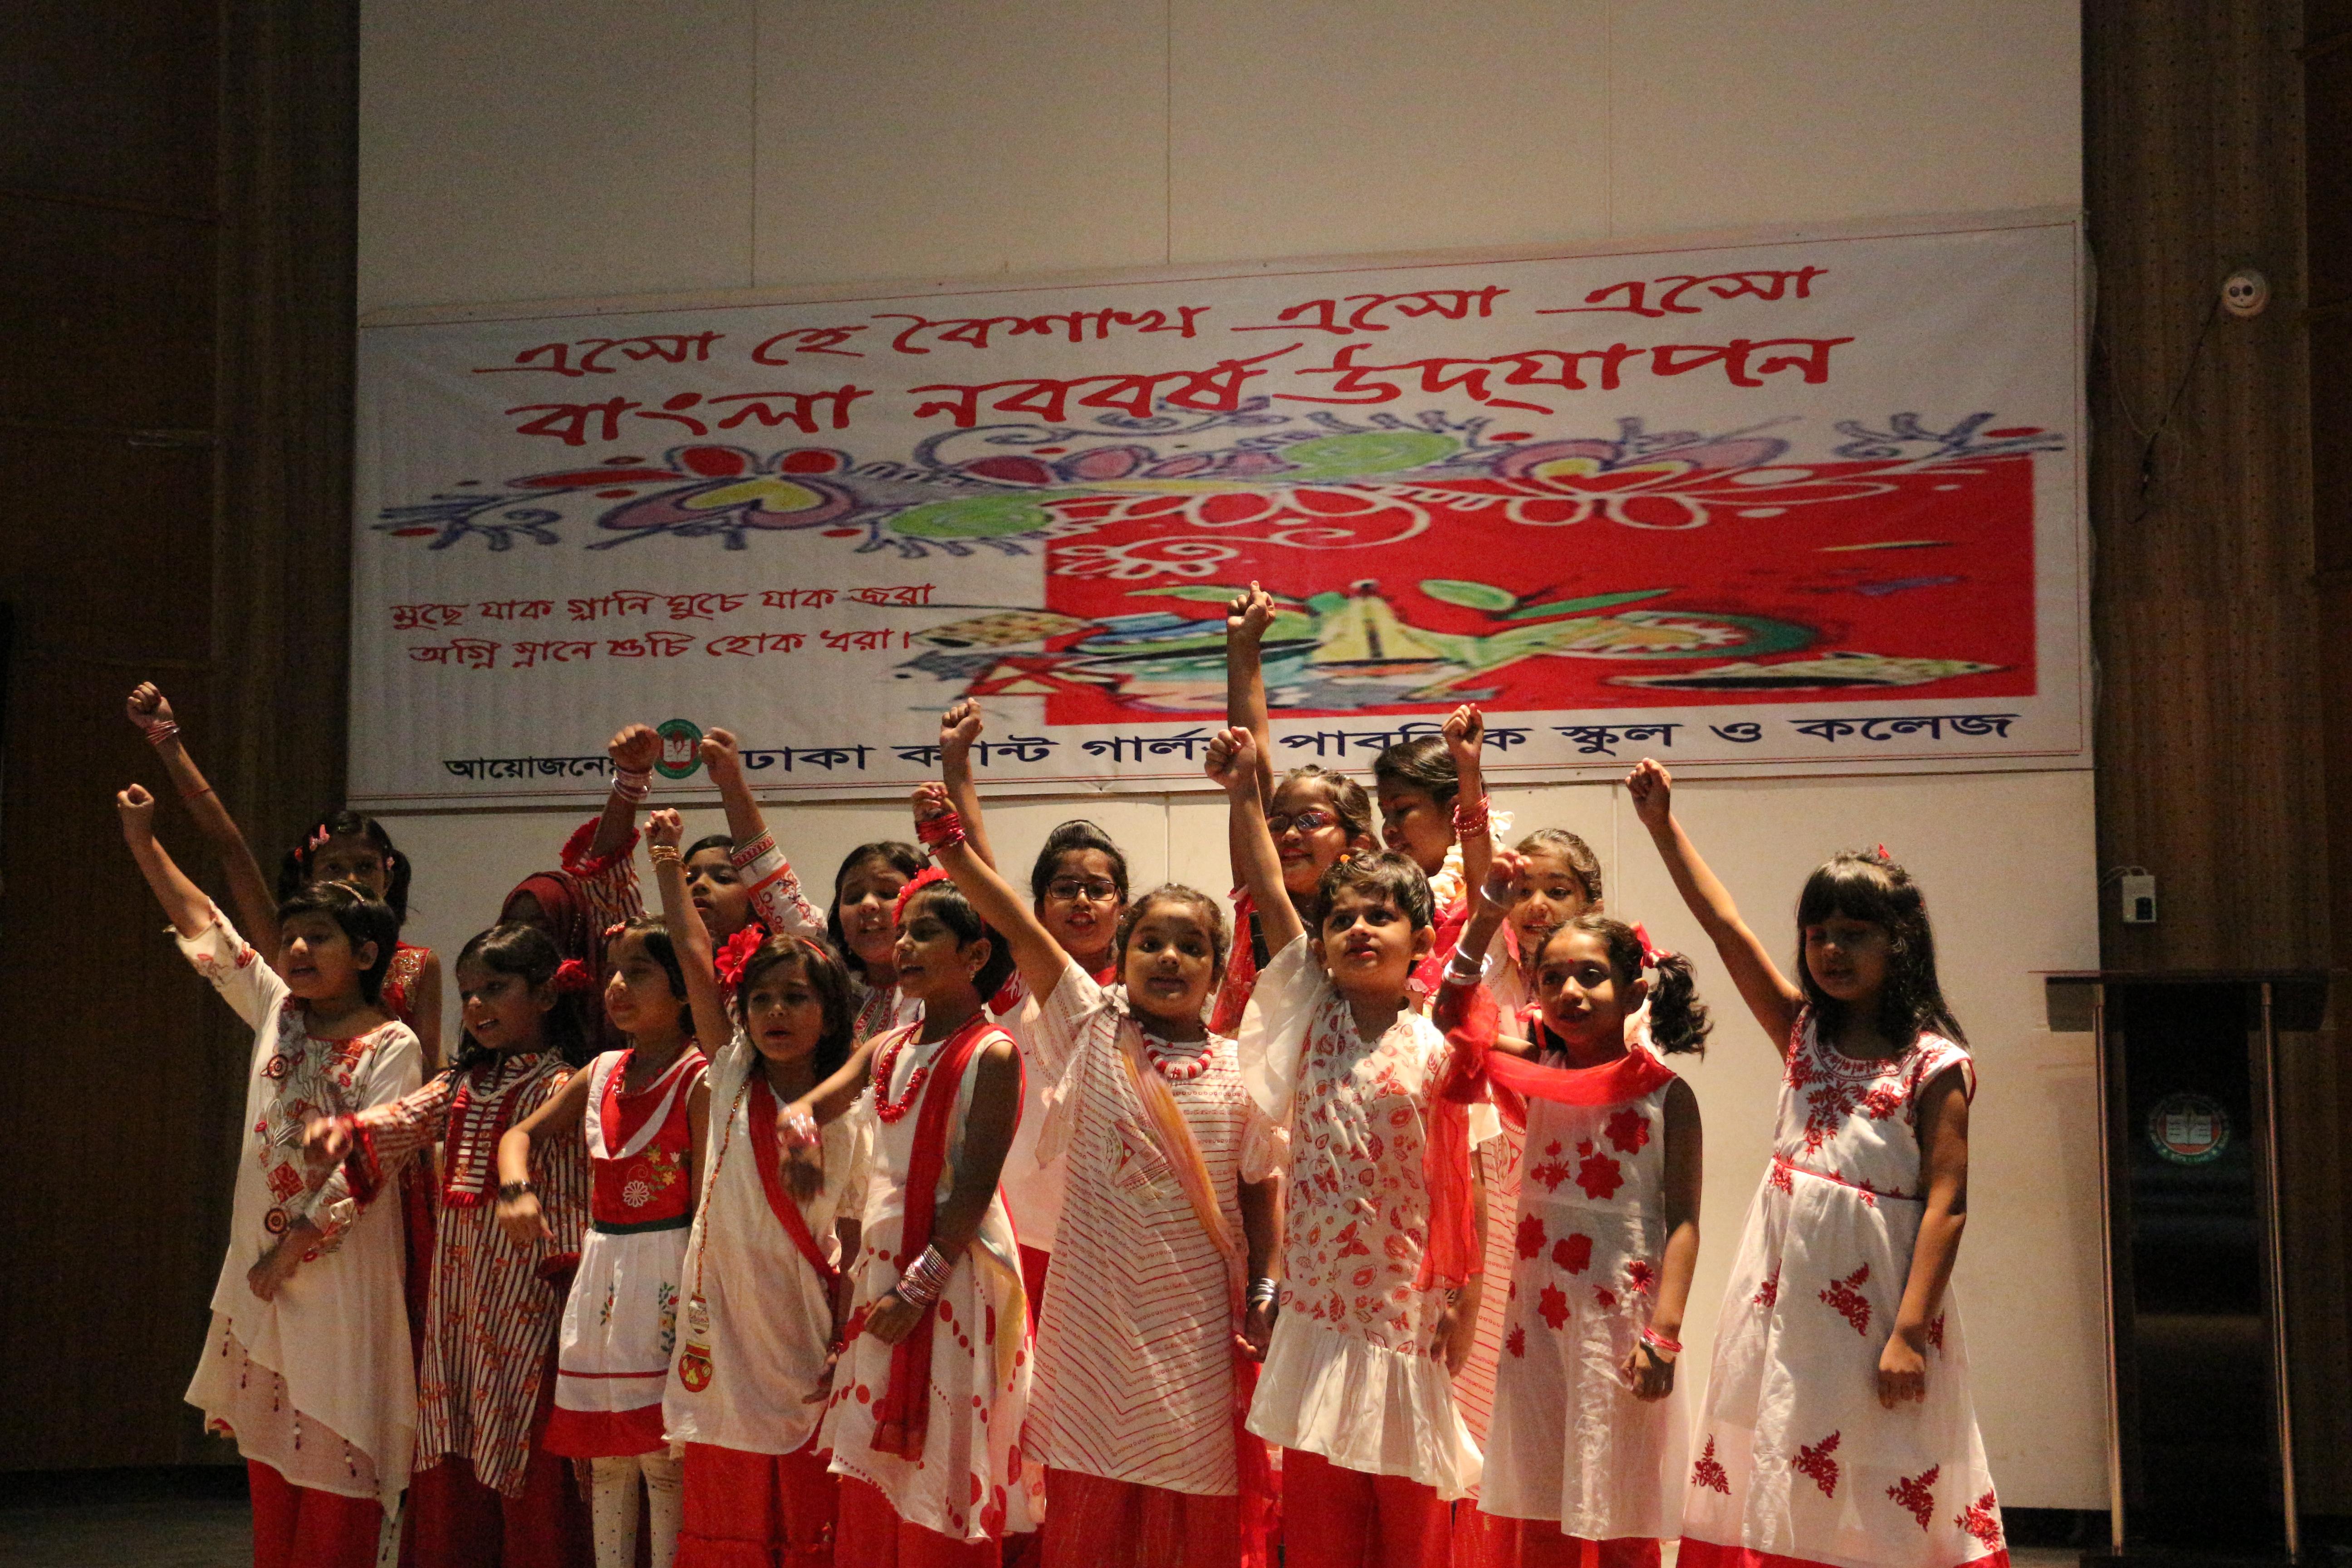 Bangla New Year - 1426 Celebrated